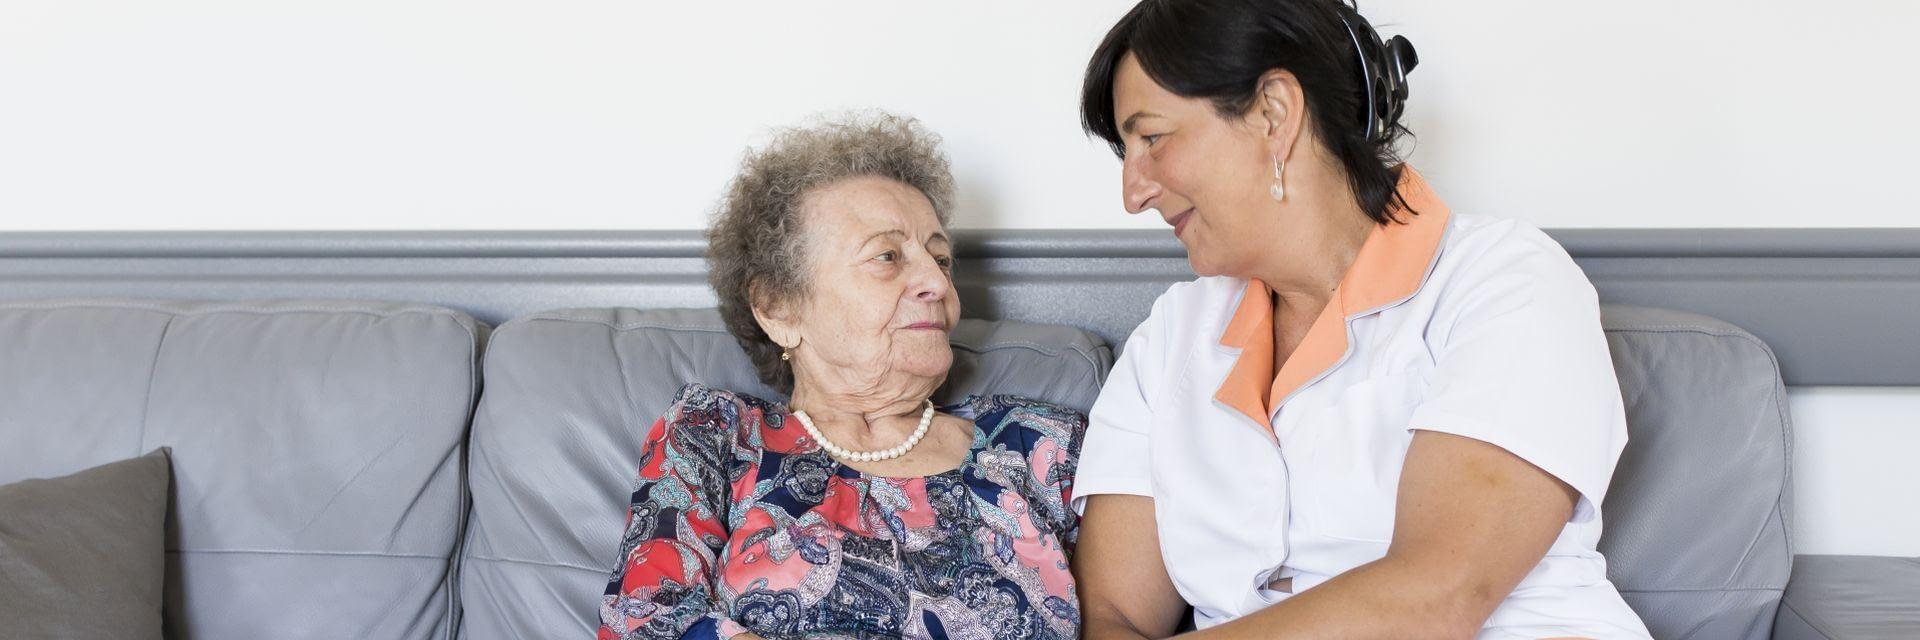 Opieka nad seniorem w Centrum Medycznym BetaMed w Chorzowie